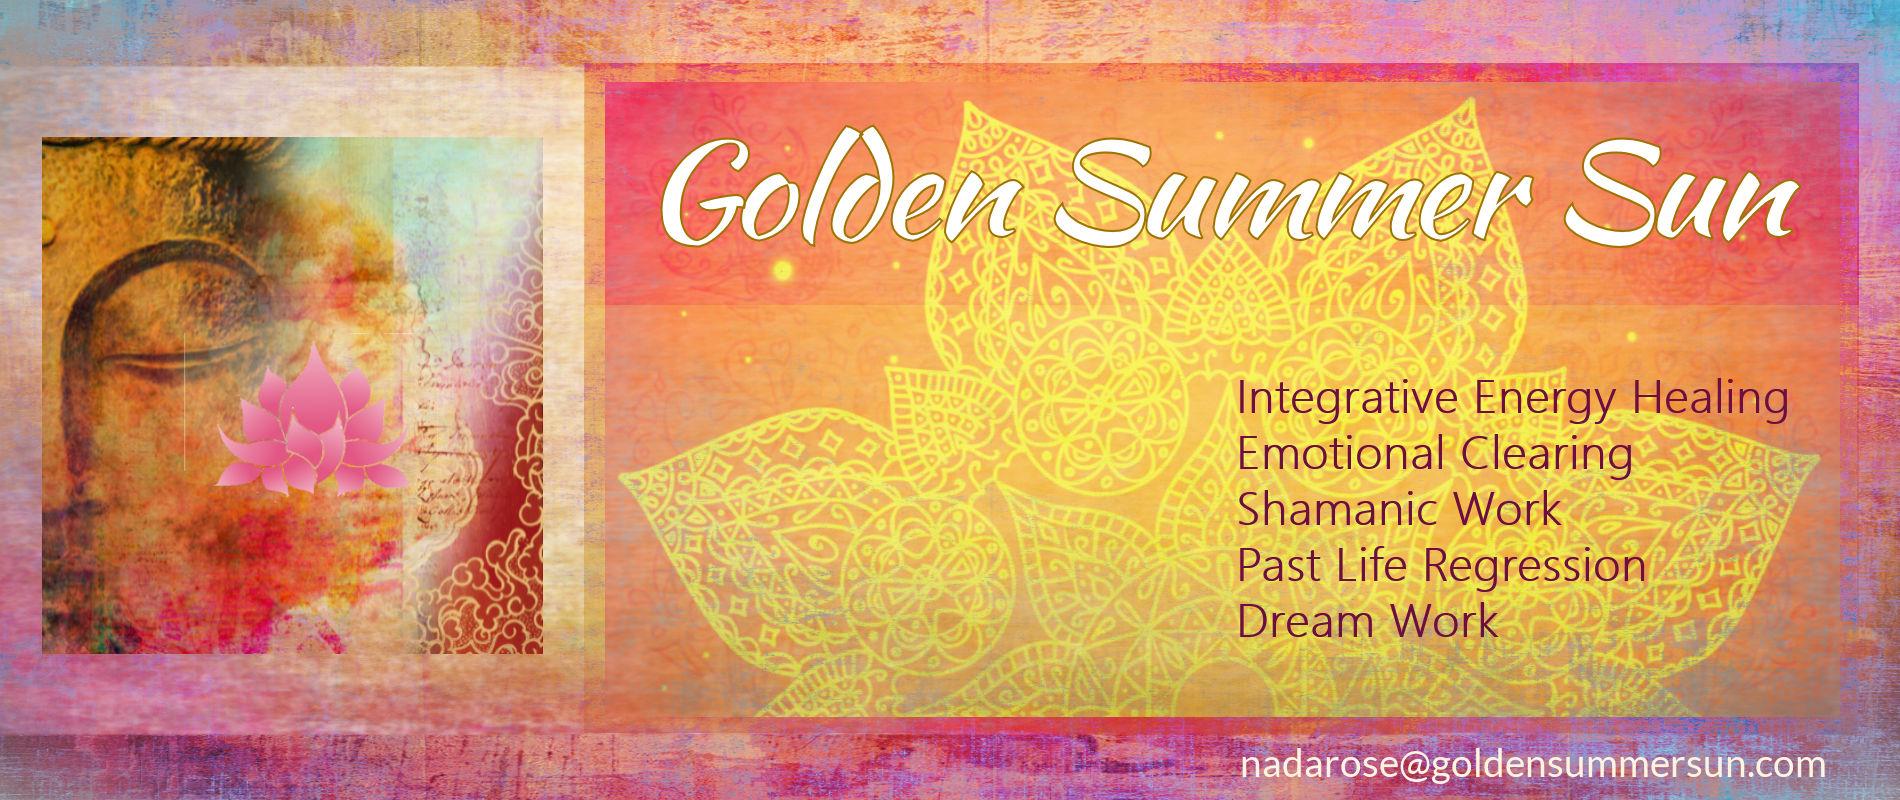 Golden Summer Sun